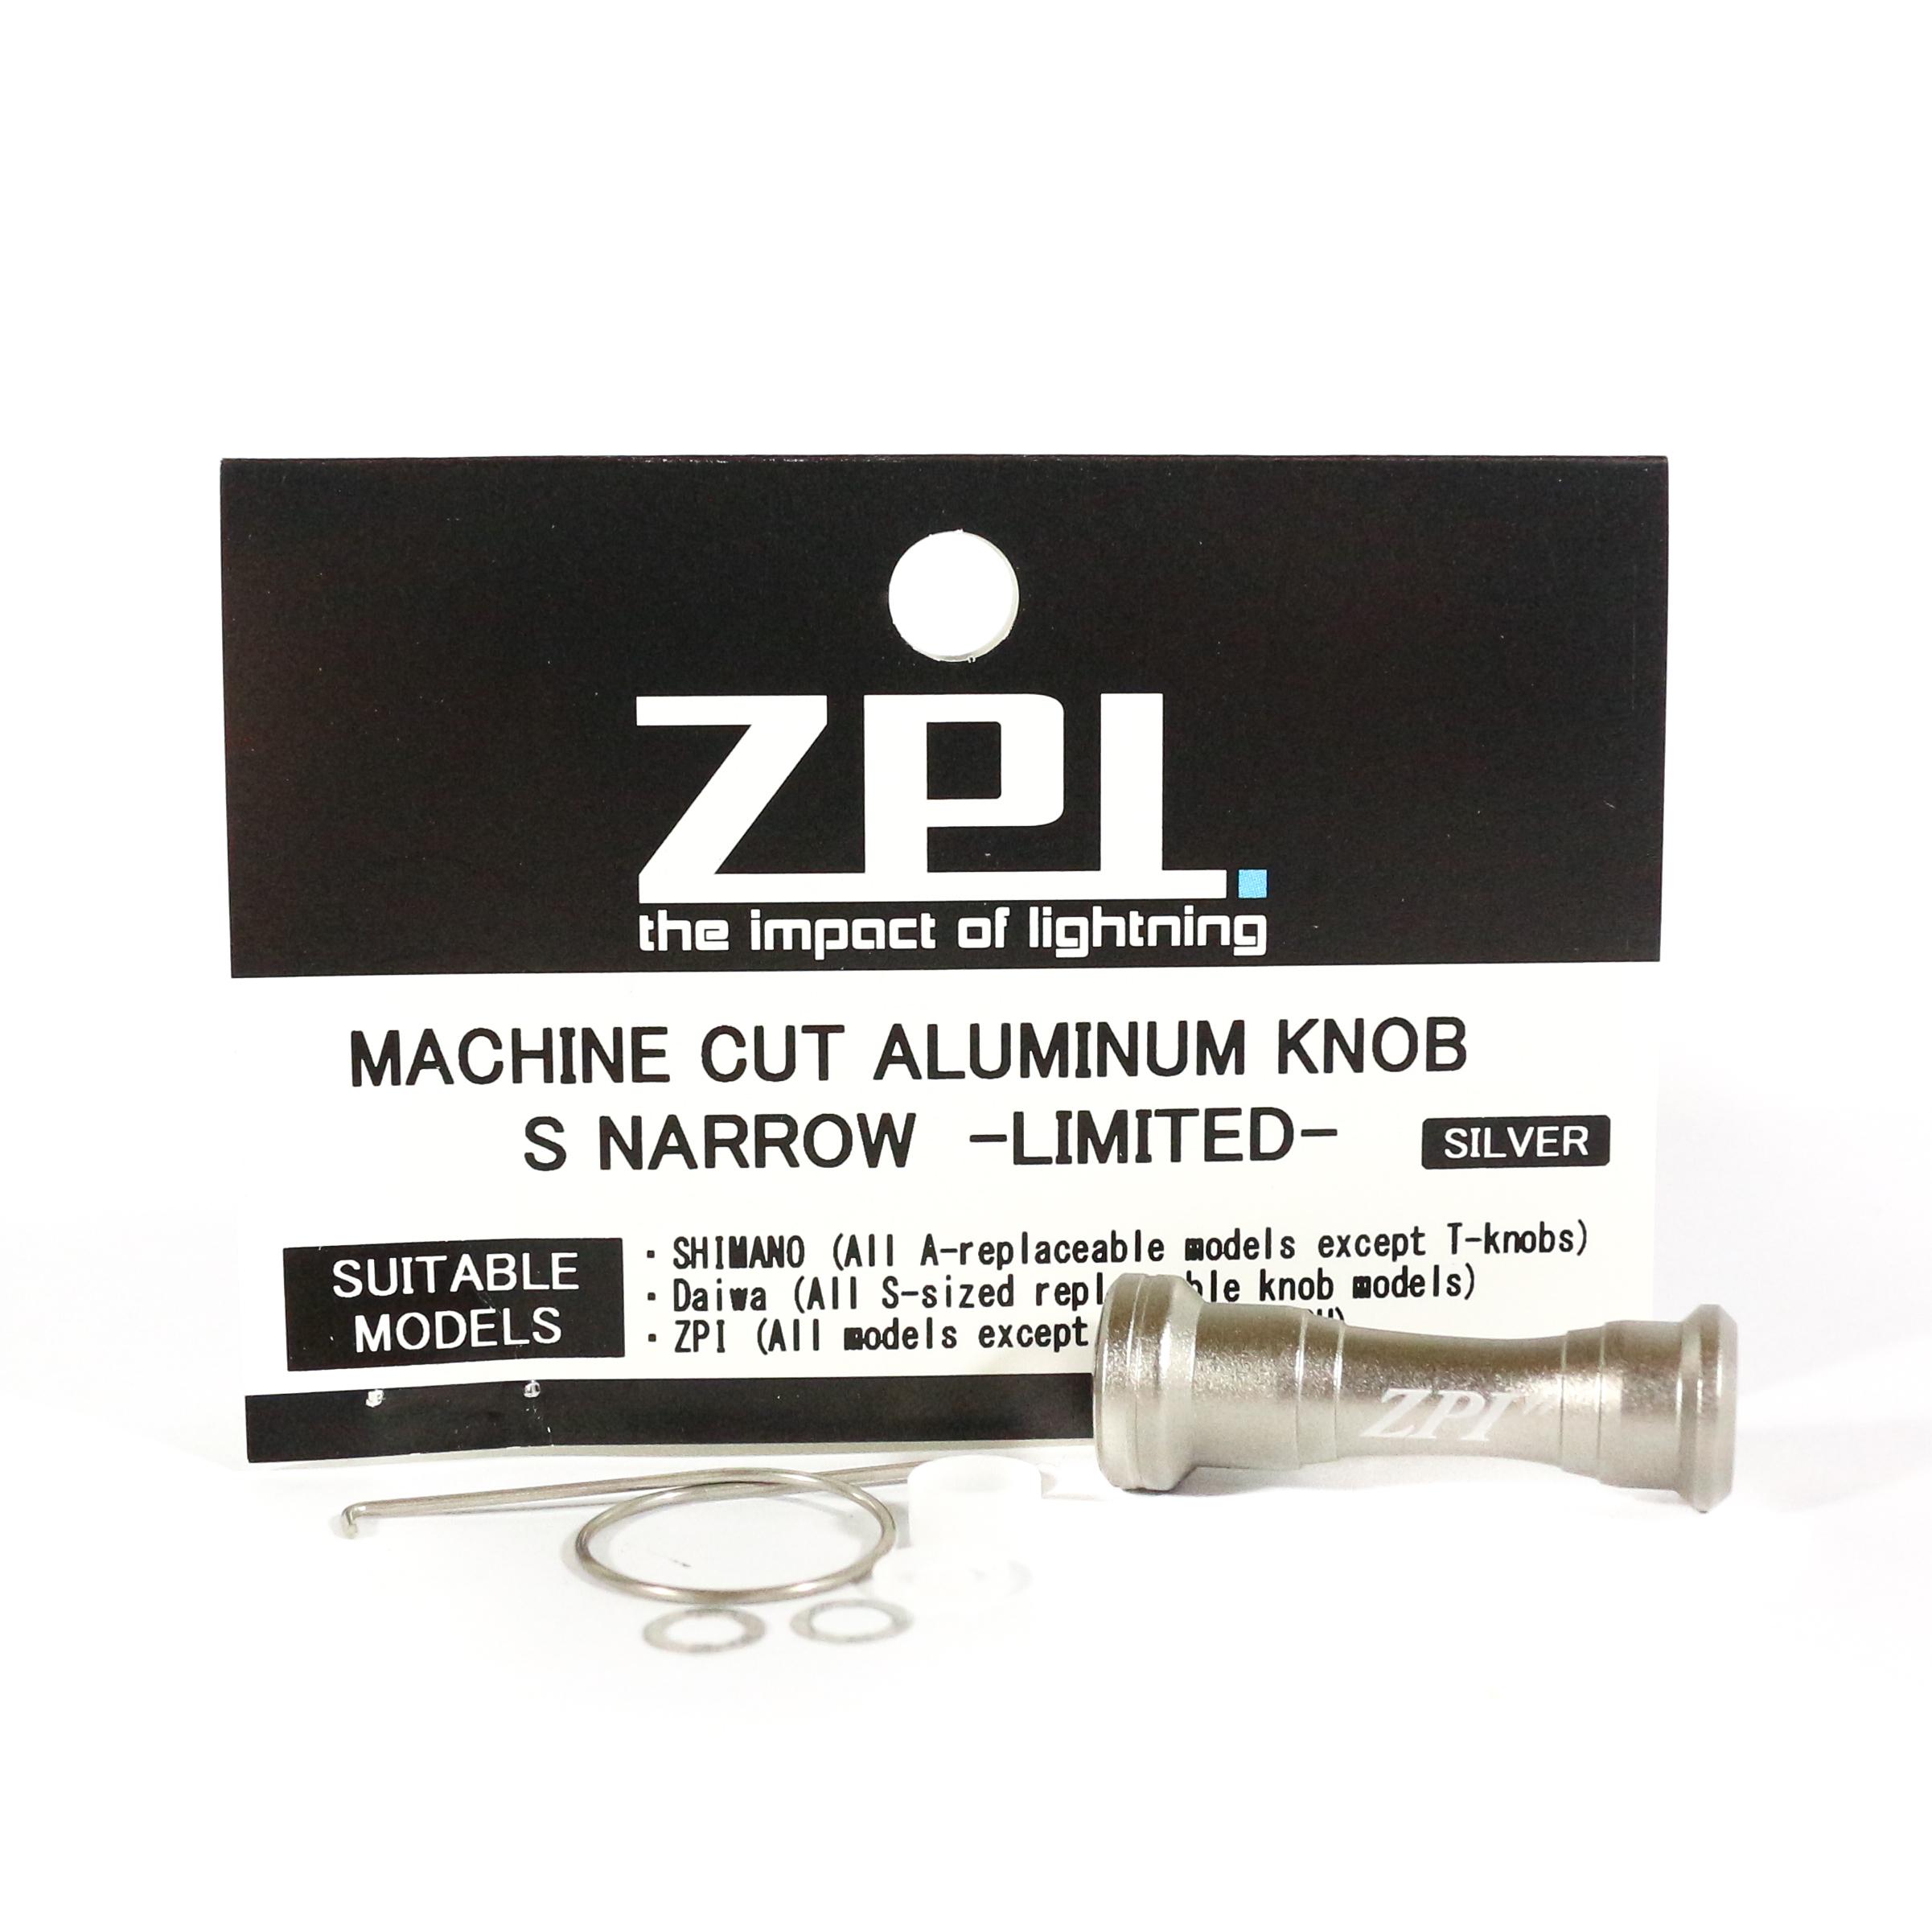 ZPI Aluminium S Narrow Ltd Knob 2.5 grams 34 x 12mm Shimano Daiwa SL (0005)